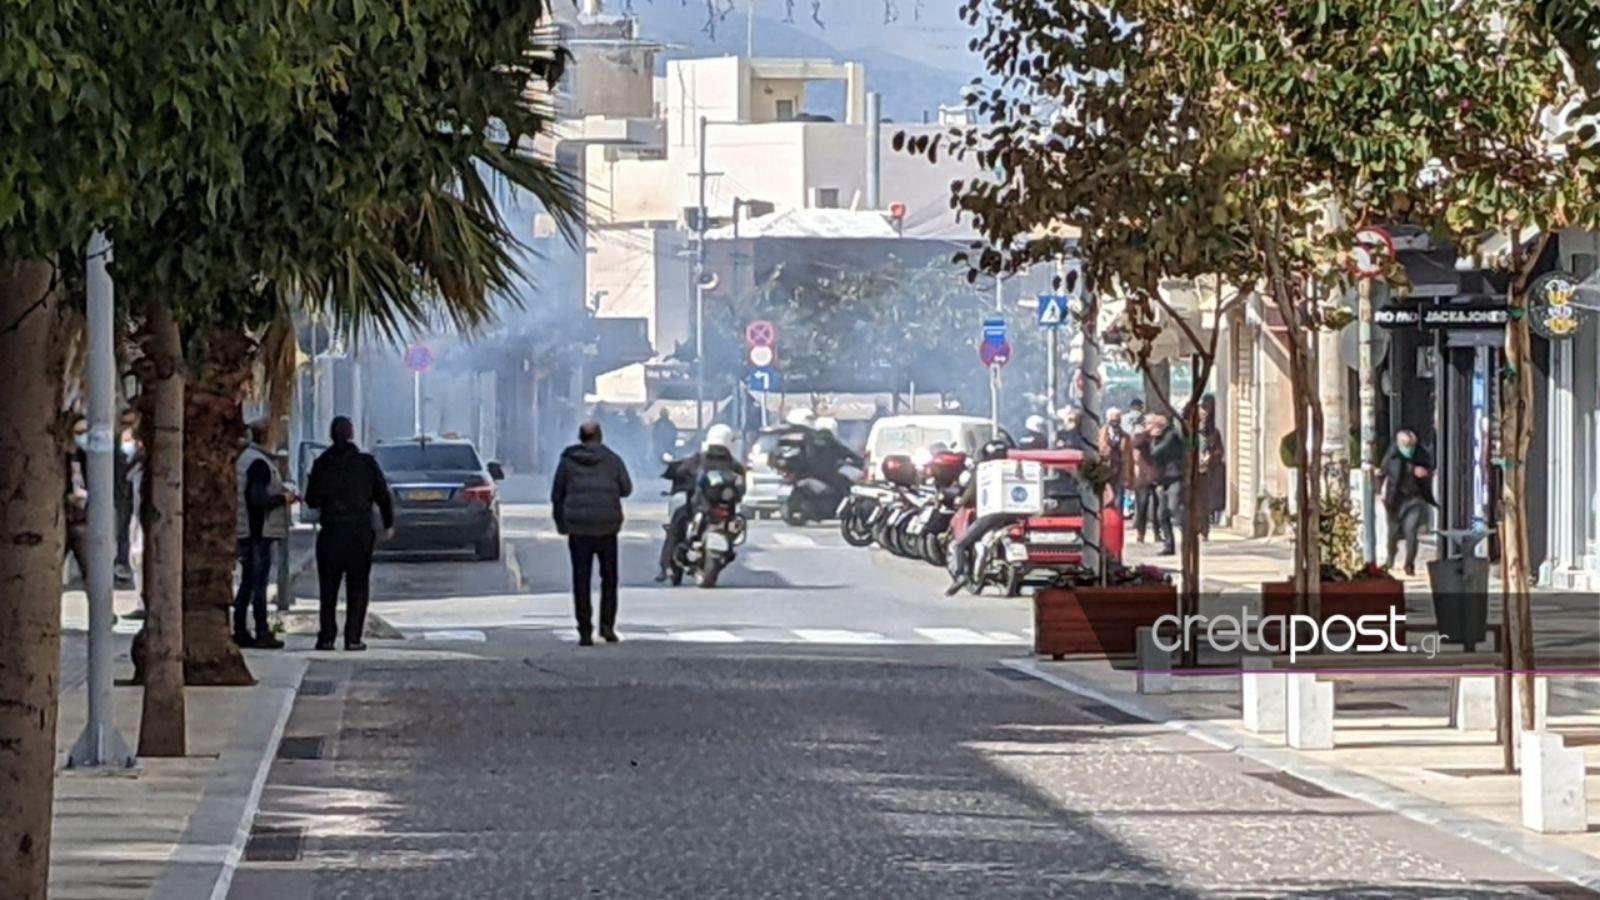 Κρήτη: Επεισόδια με ξύλο, χημικά και δακρυγόνα στην πορεία για τον Κουφοντίνα στο Ηράκλειο